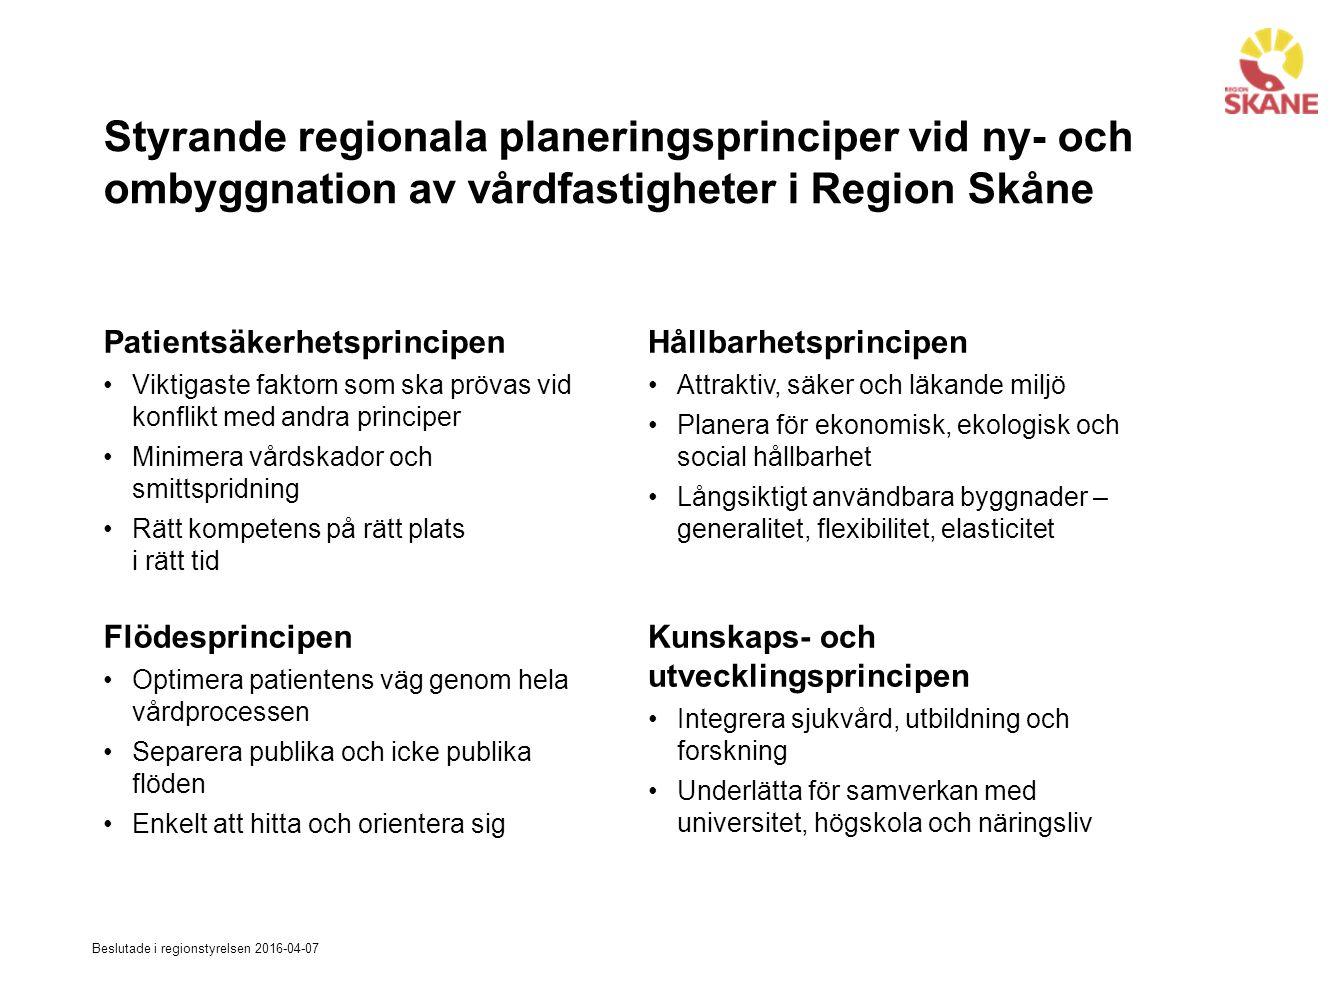 Styrande regionala planeringsprinciper vid ny- och ombyggnation av vårdfastigheter i Region Skåne Patientsäkerhetsprincipen Viktigaste faktorn som ska prövas vid konflikt med andra principer Minimera vårdskador och smittspridning Rätt kompetens på rätt plats i rätt tid Hållbarhetsprincipen Attraktiv, säker och läkande miljö Planera för ekonomisk, ekologisk och social hållbarhet Långsiktigt användbara byggnader – generalitet, flexibilitet, elasticitet Flödesprincipen Optimera patientens väg genom hela vårdprocessen Separera publika och icke publika flöden Enkelt att hitta och orientera sig Kunskaps- och utvecklingsprincipen Integrera sjukvård, utbildning och forskning Underlätta för samverkan med universitet, högskola och näringsliv Beslutade i regionstyrelsen 2016-04-07